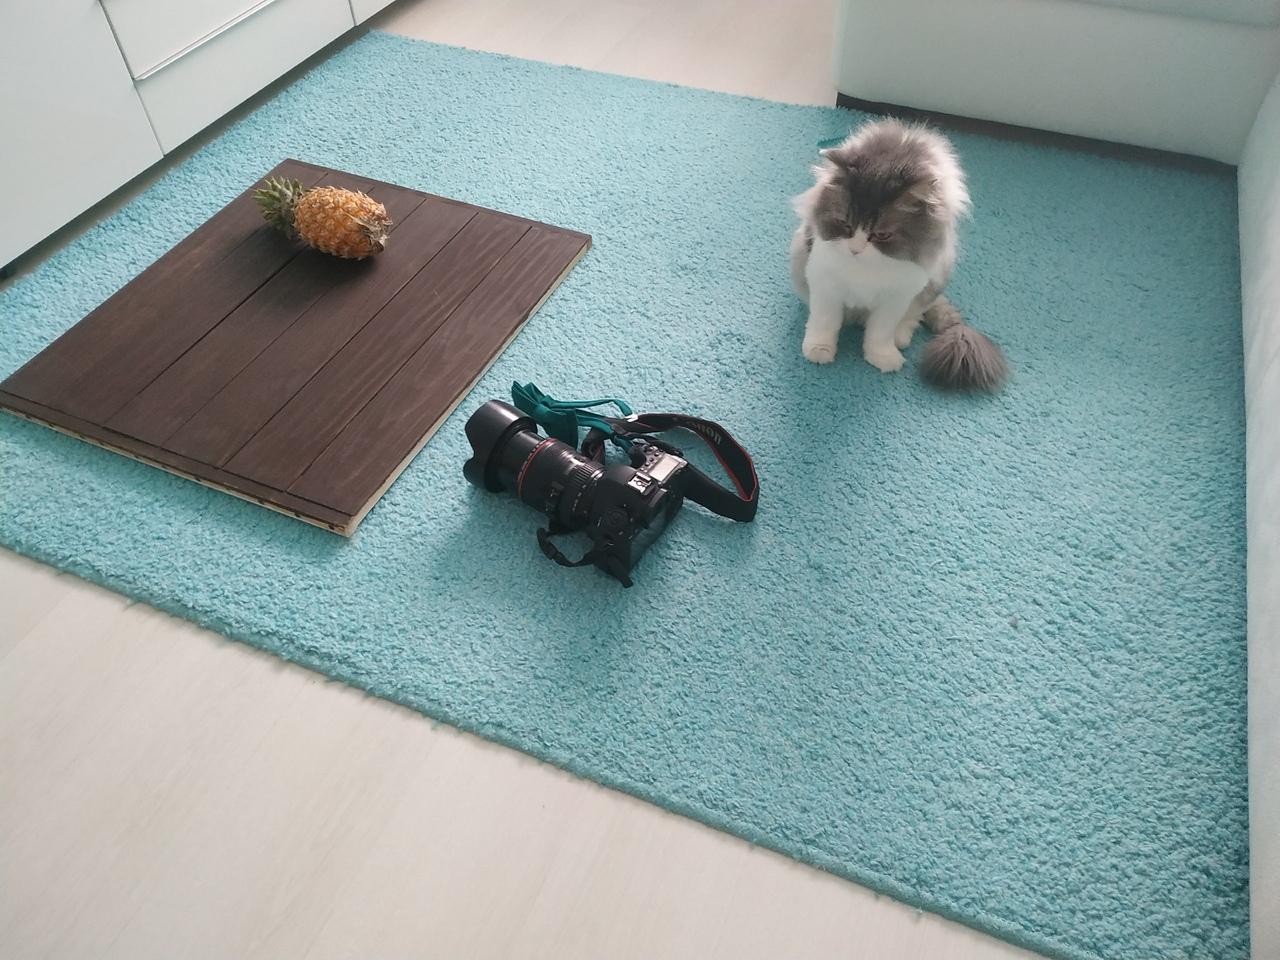 Кот Митя помогает нашей коллеге Марии с организацией фотосъёмки. И у него это, судя по всему, неплохо получается